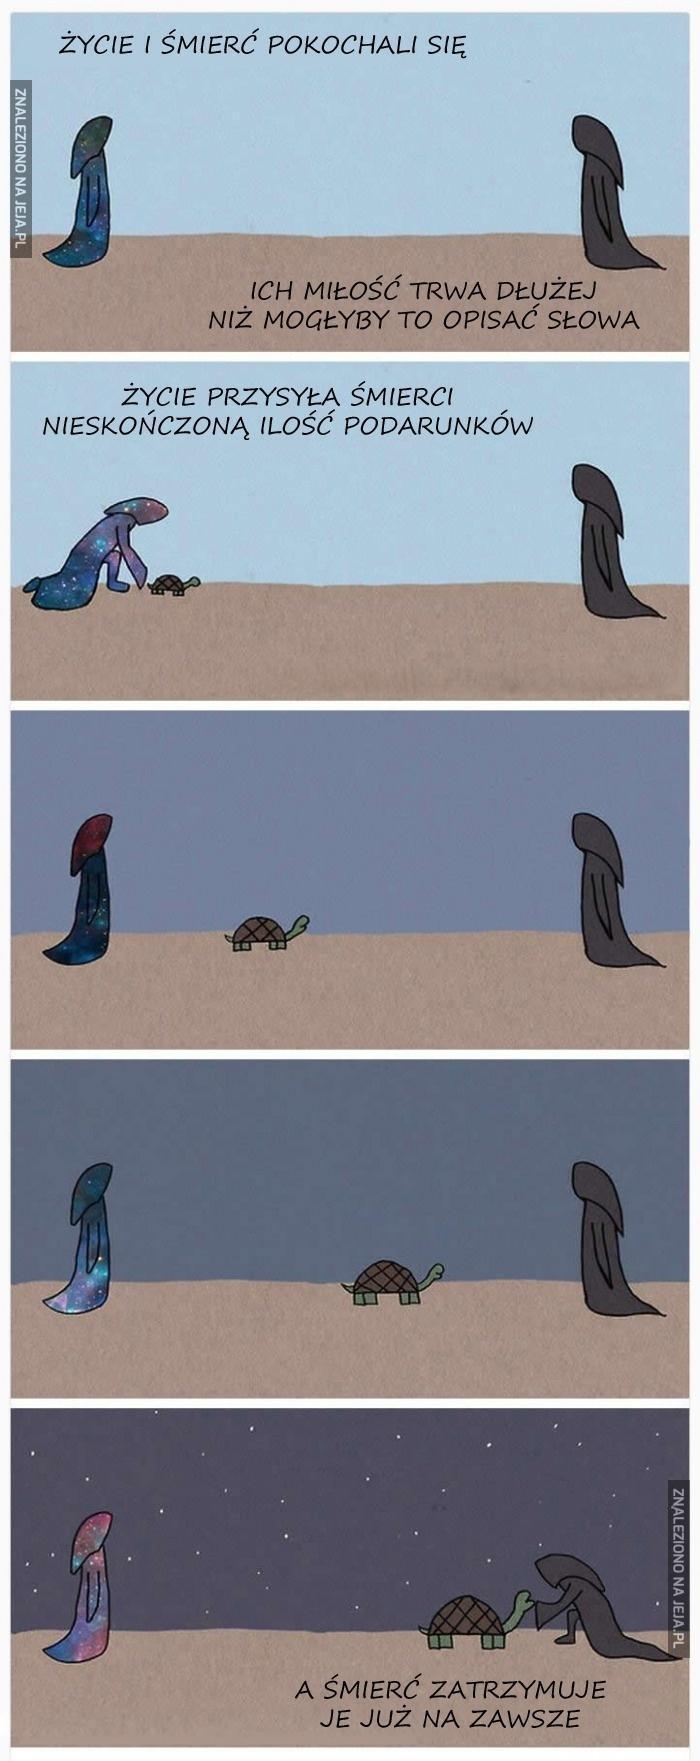 Życie i śmierć pokochali się